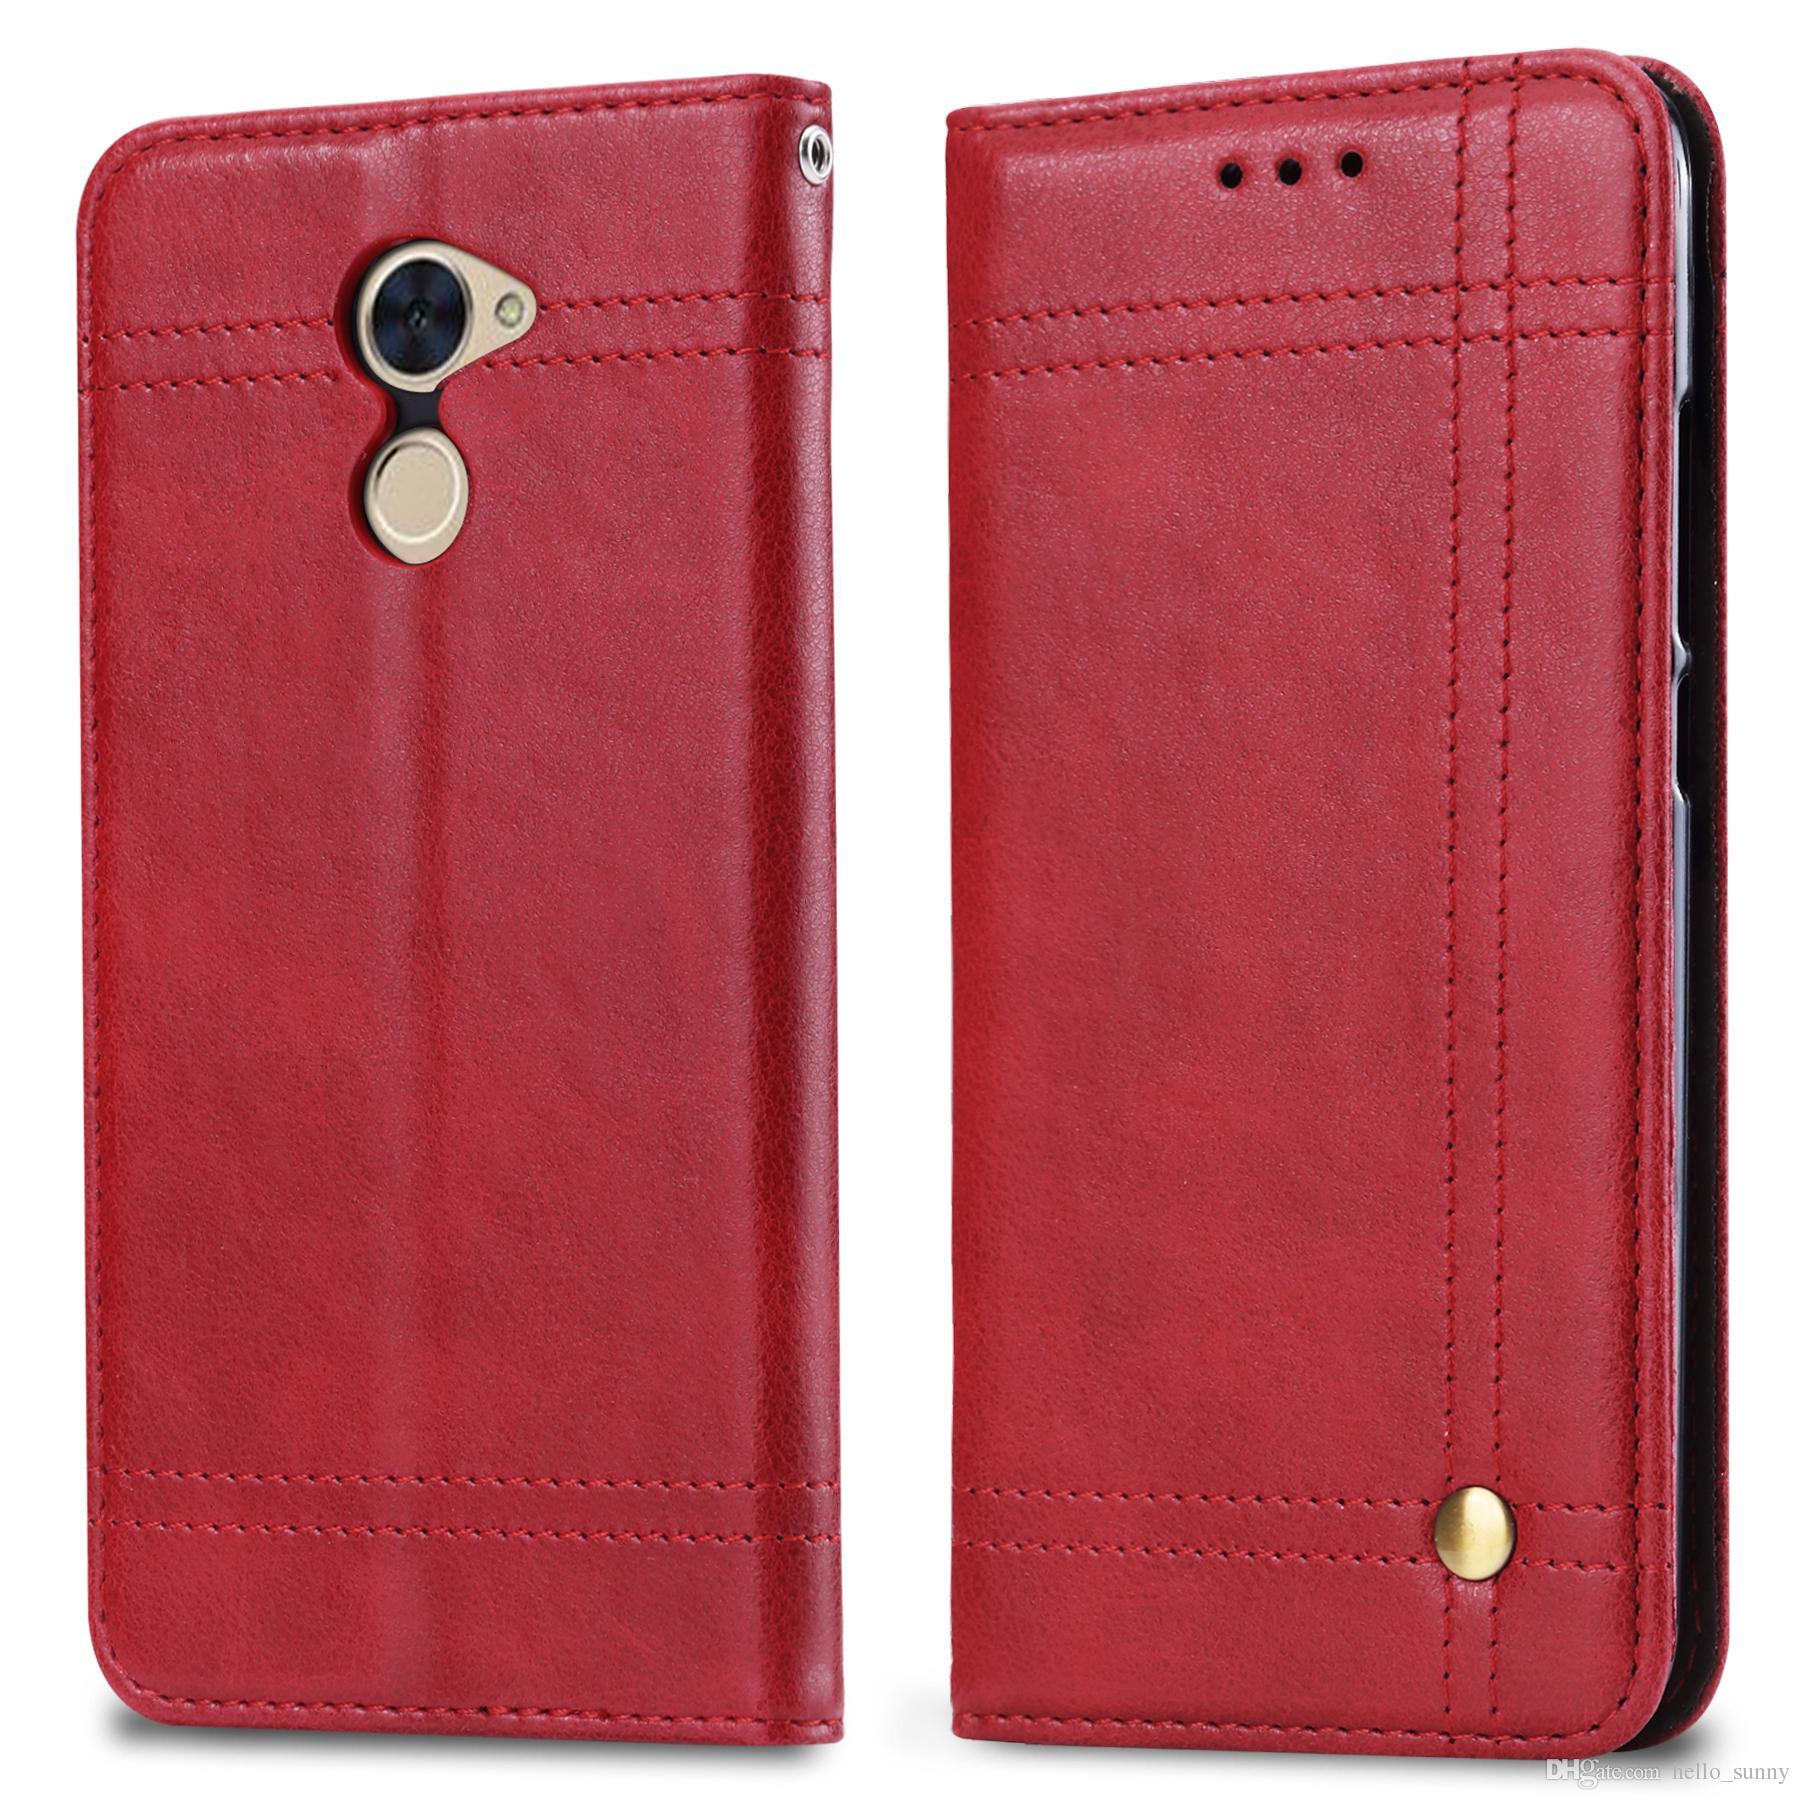 Retro Leather Case For Huawei Y52017 Y62017 Y72017 Y7prime Magnet